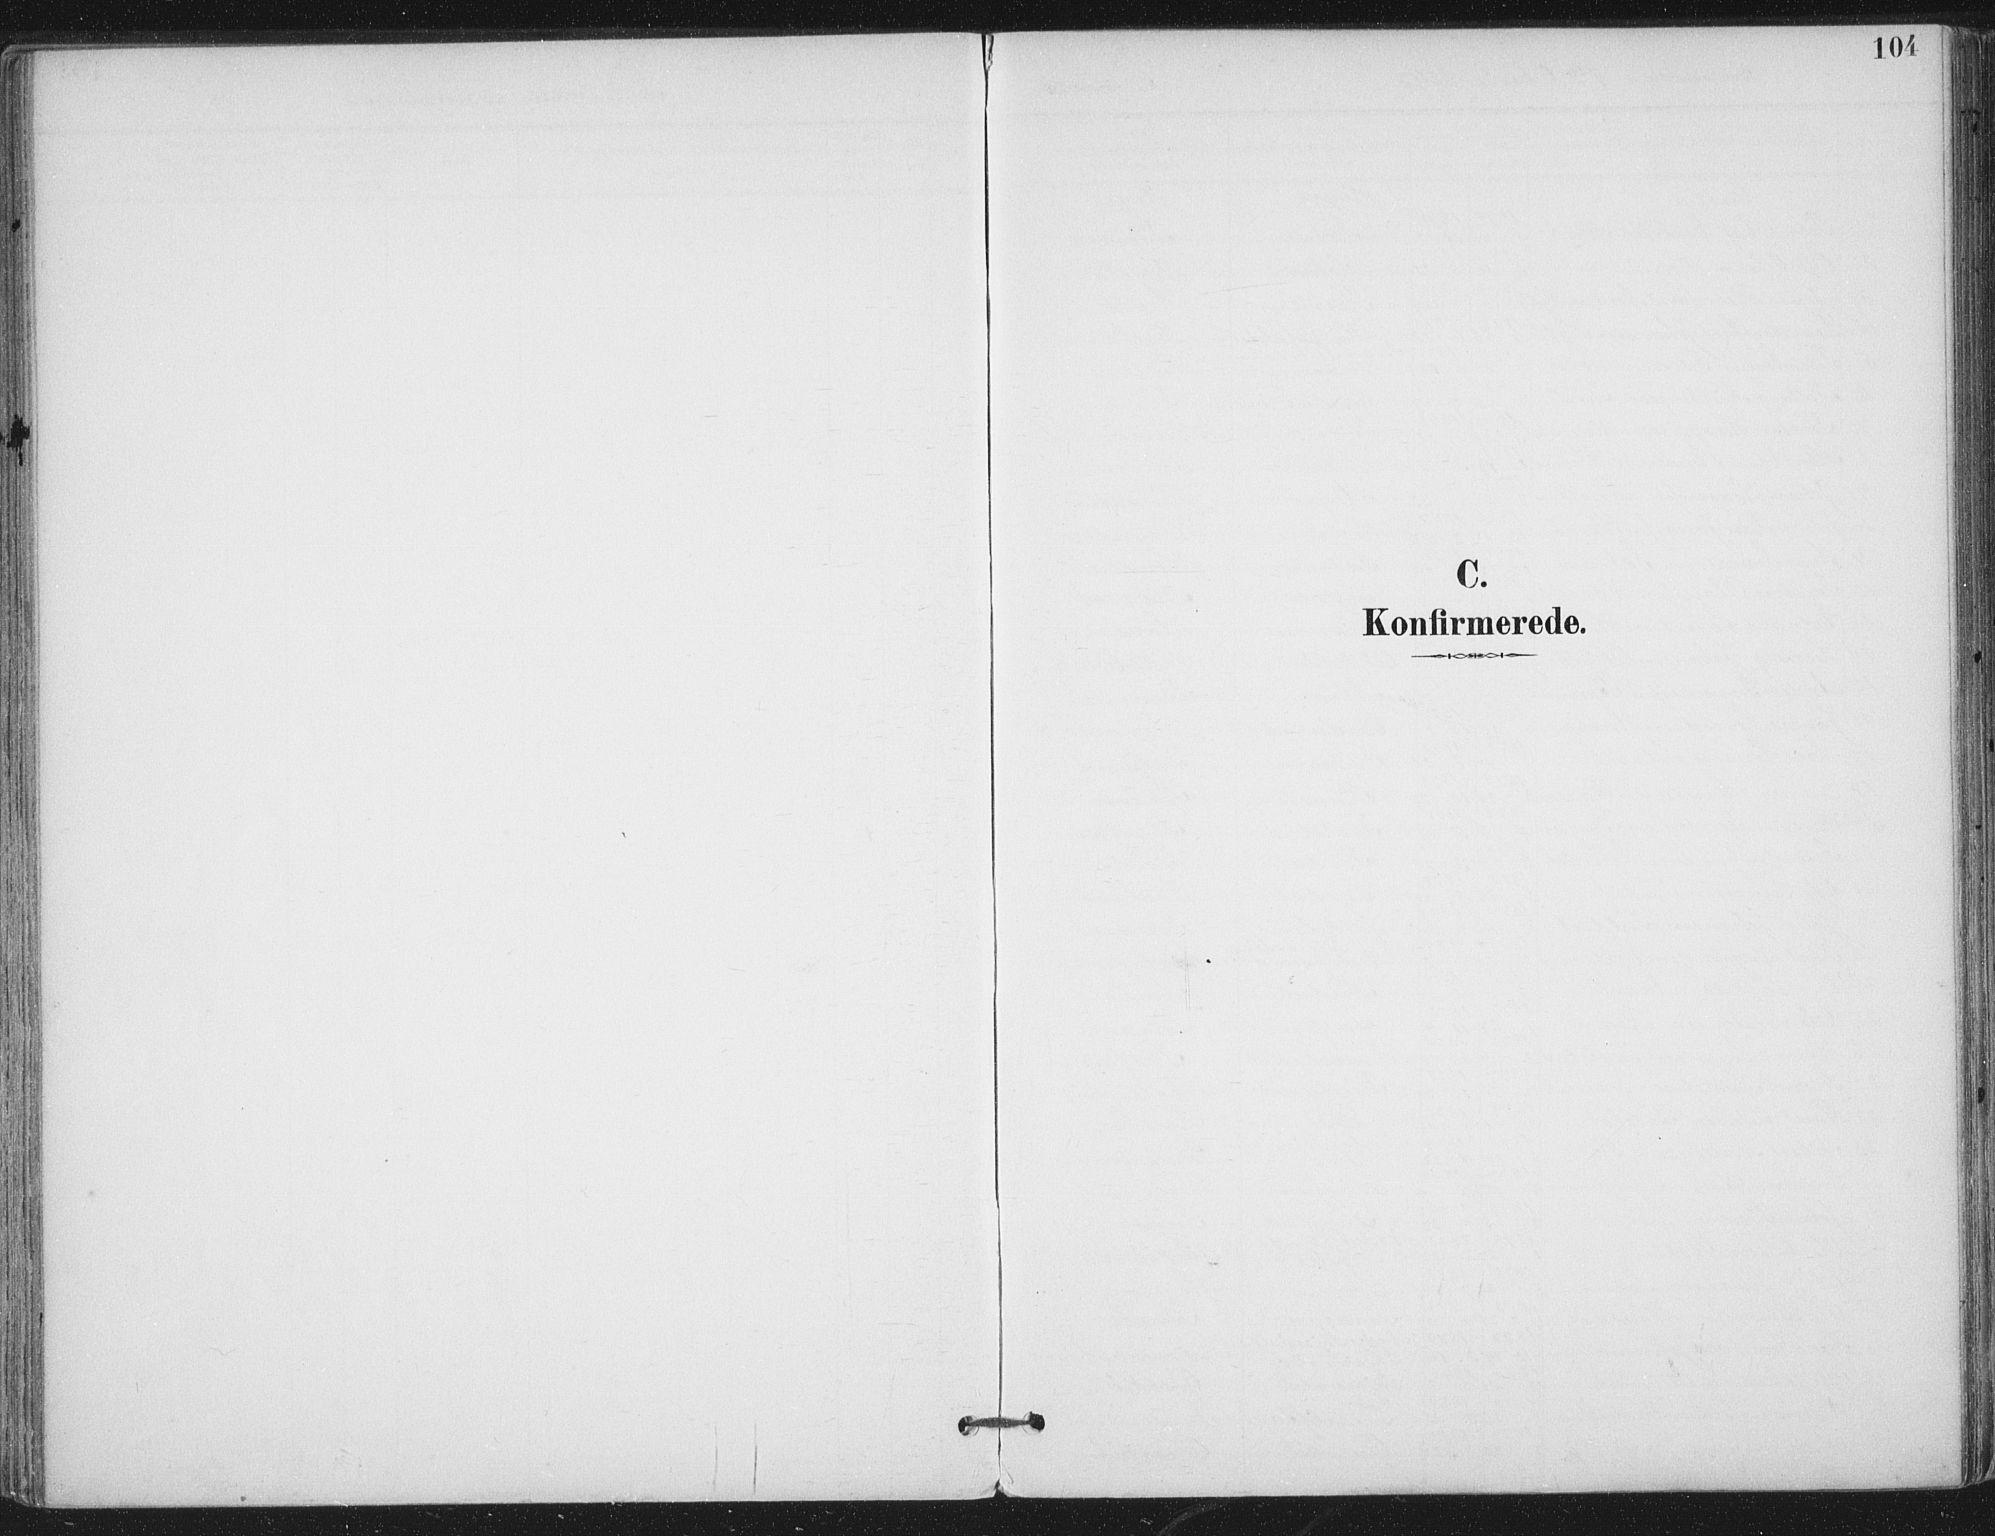 SAT, Ministerialprotokoller, klokkerbøker og fødselsregistre - Nord-Trøndelag, 703/L0031: Parish register (official) no. 703A04, 1893-1914, p. 104